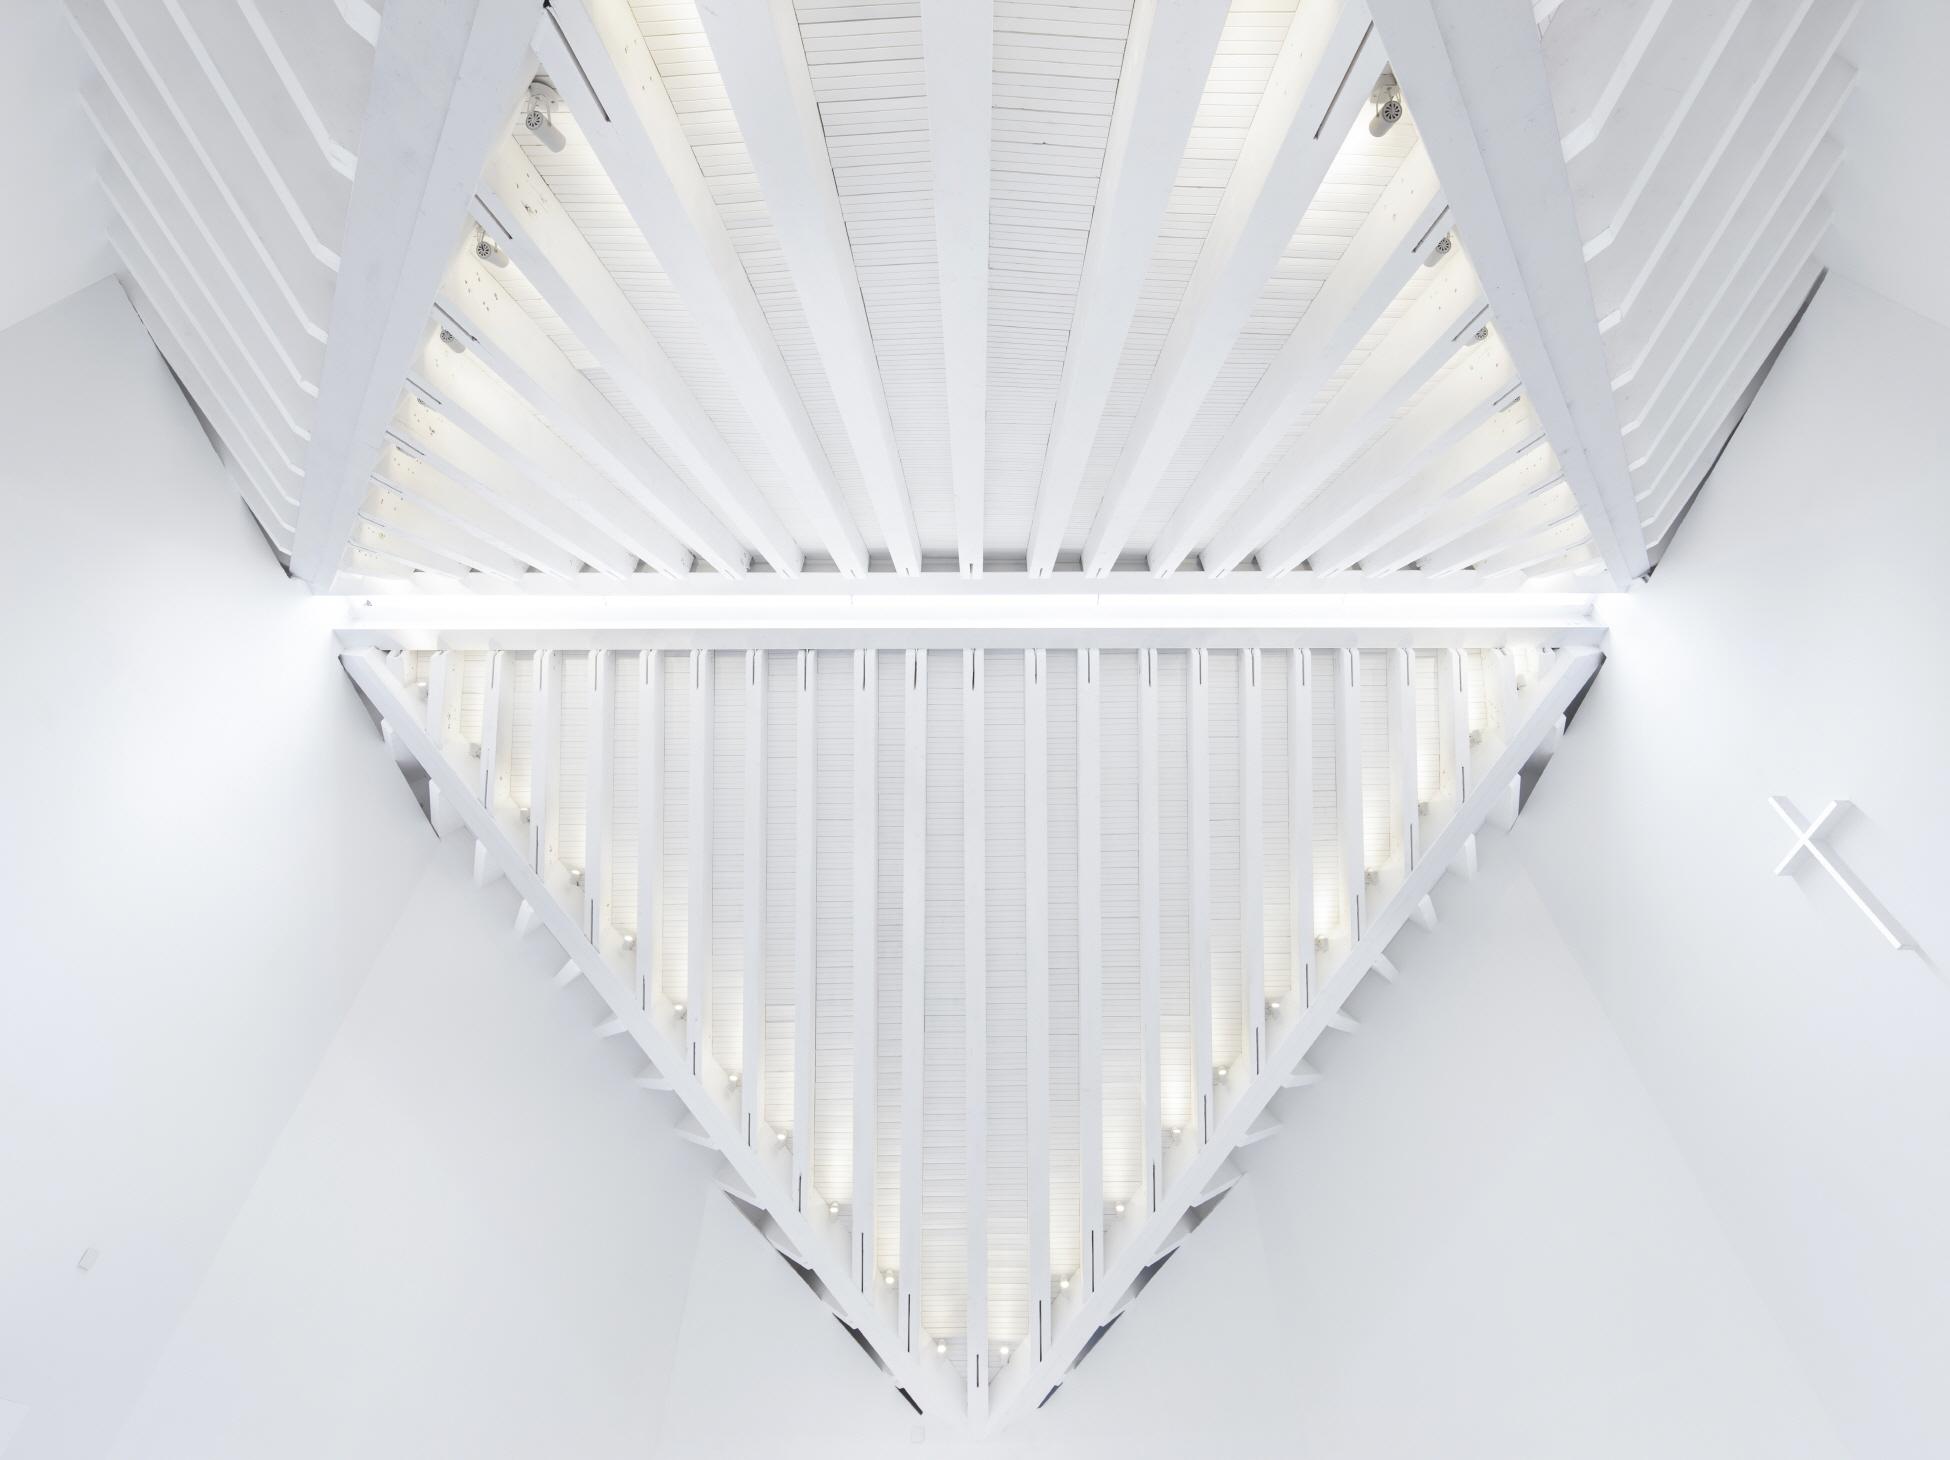 〔안정원의 건축 칼럼〕 이중 외관 구조 시스템으로 구현된 빛을 머금은 예배당 공간 2